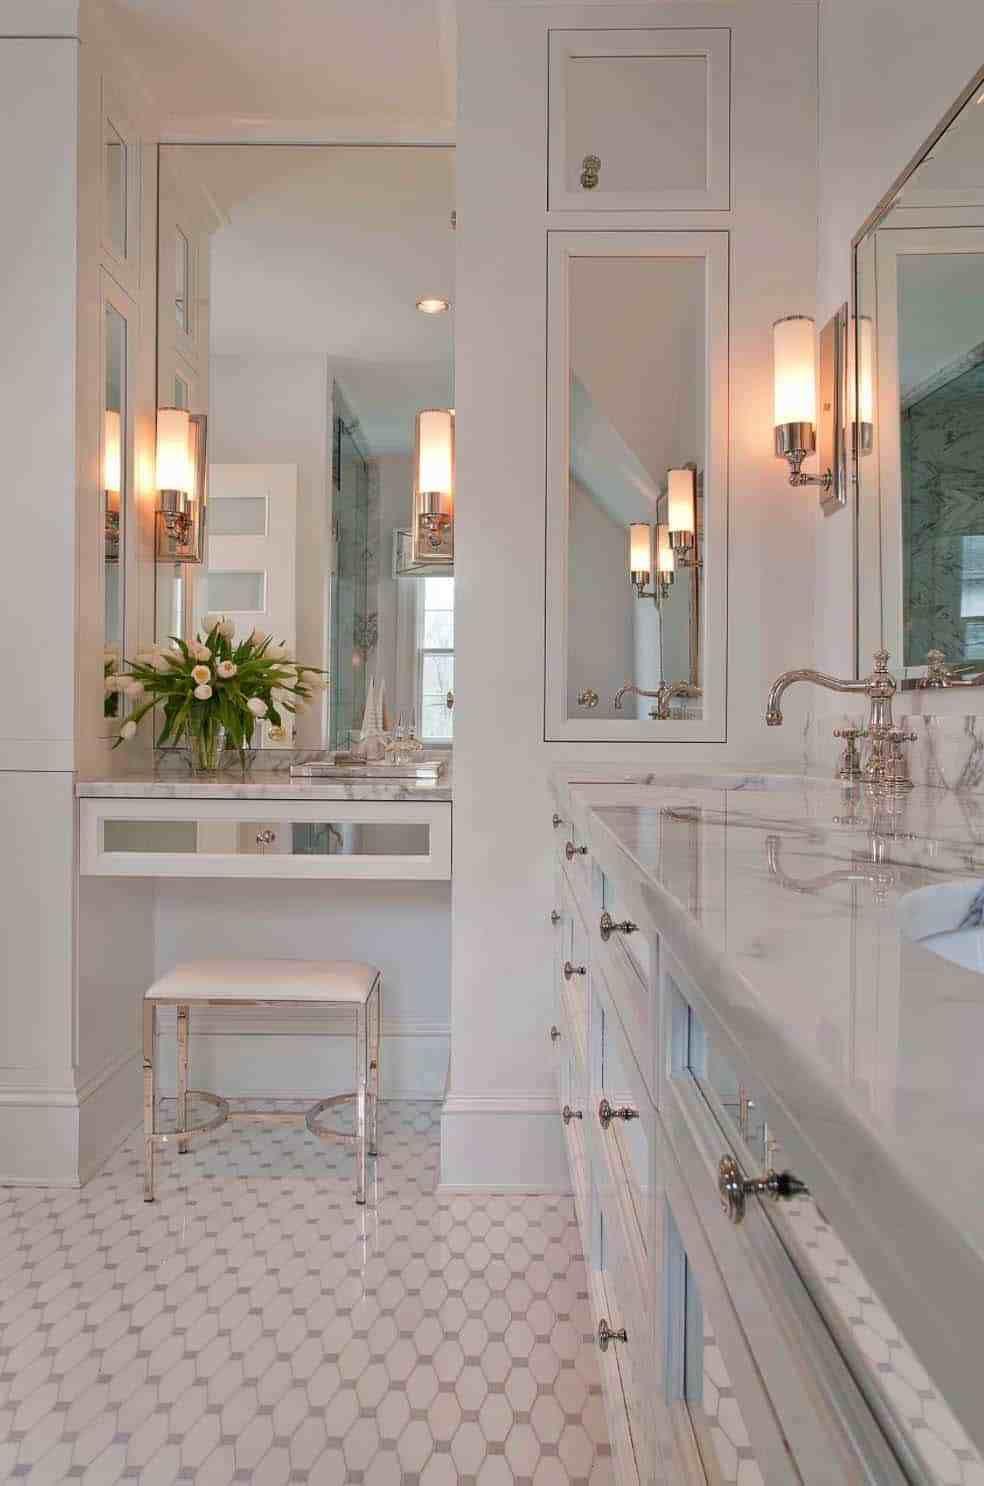 30 Extraordinary Traditional Style Bathroom Designs Ideas Pinzones Dream Bathrooms Traditional Bathroom Designs Bathroom Interior Design